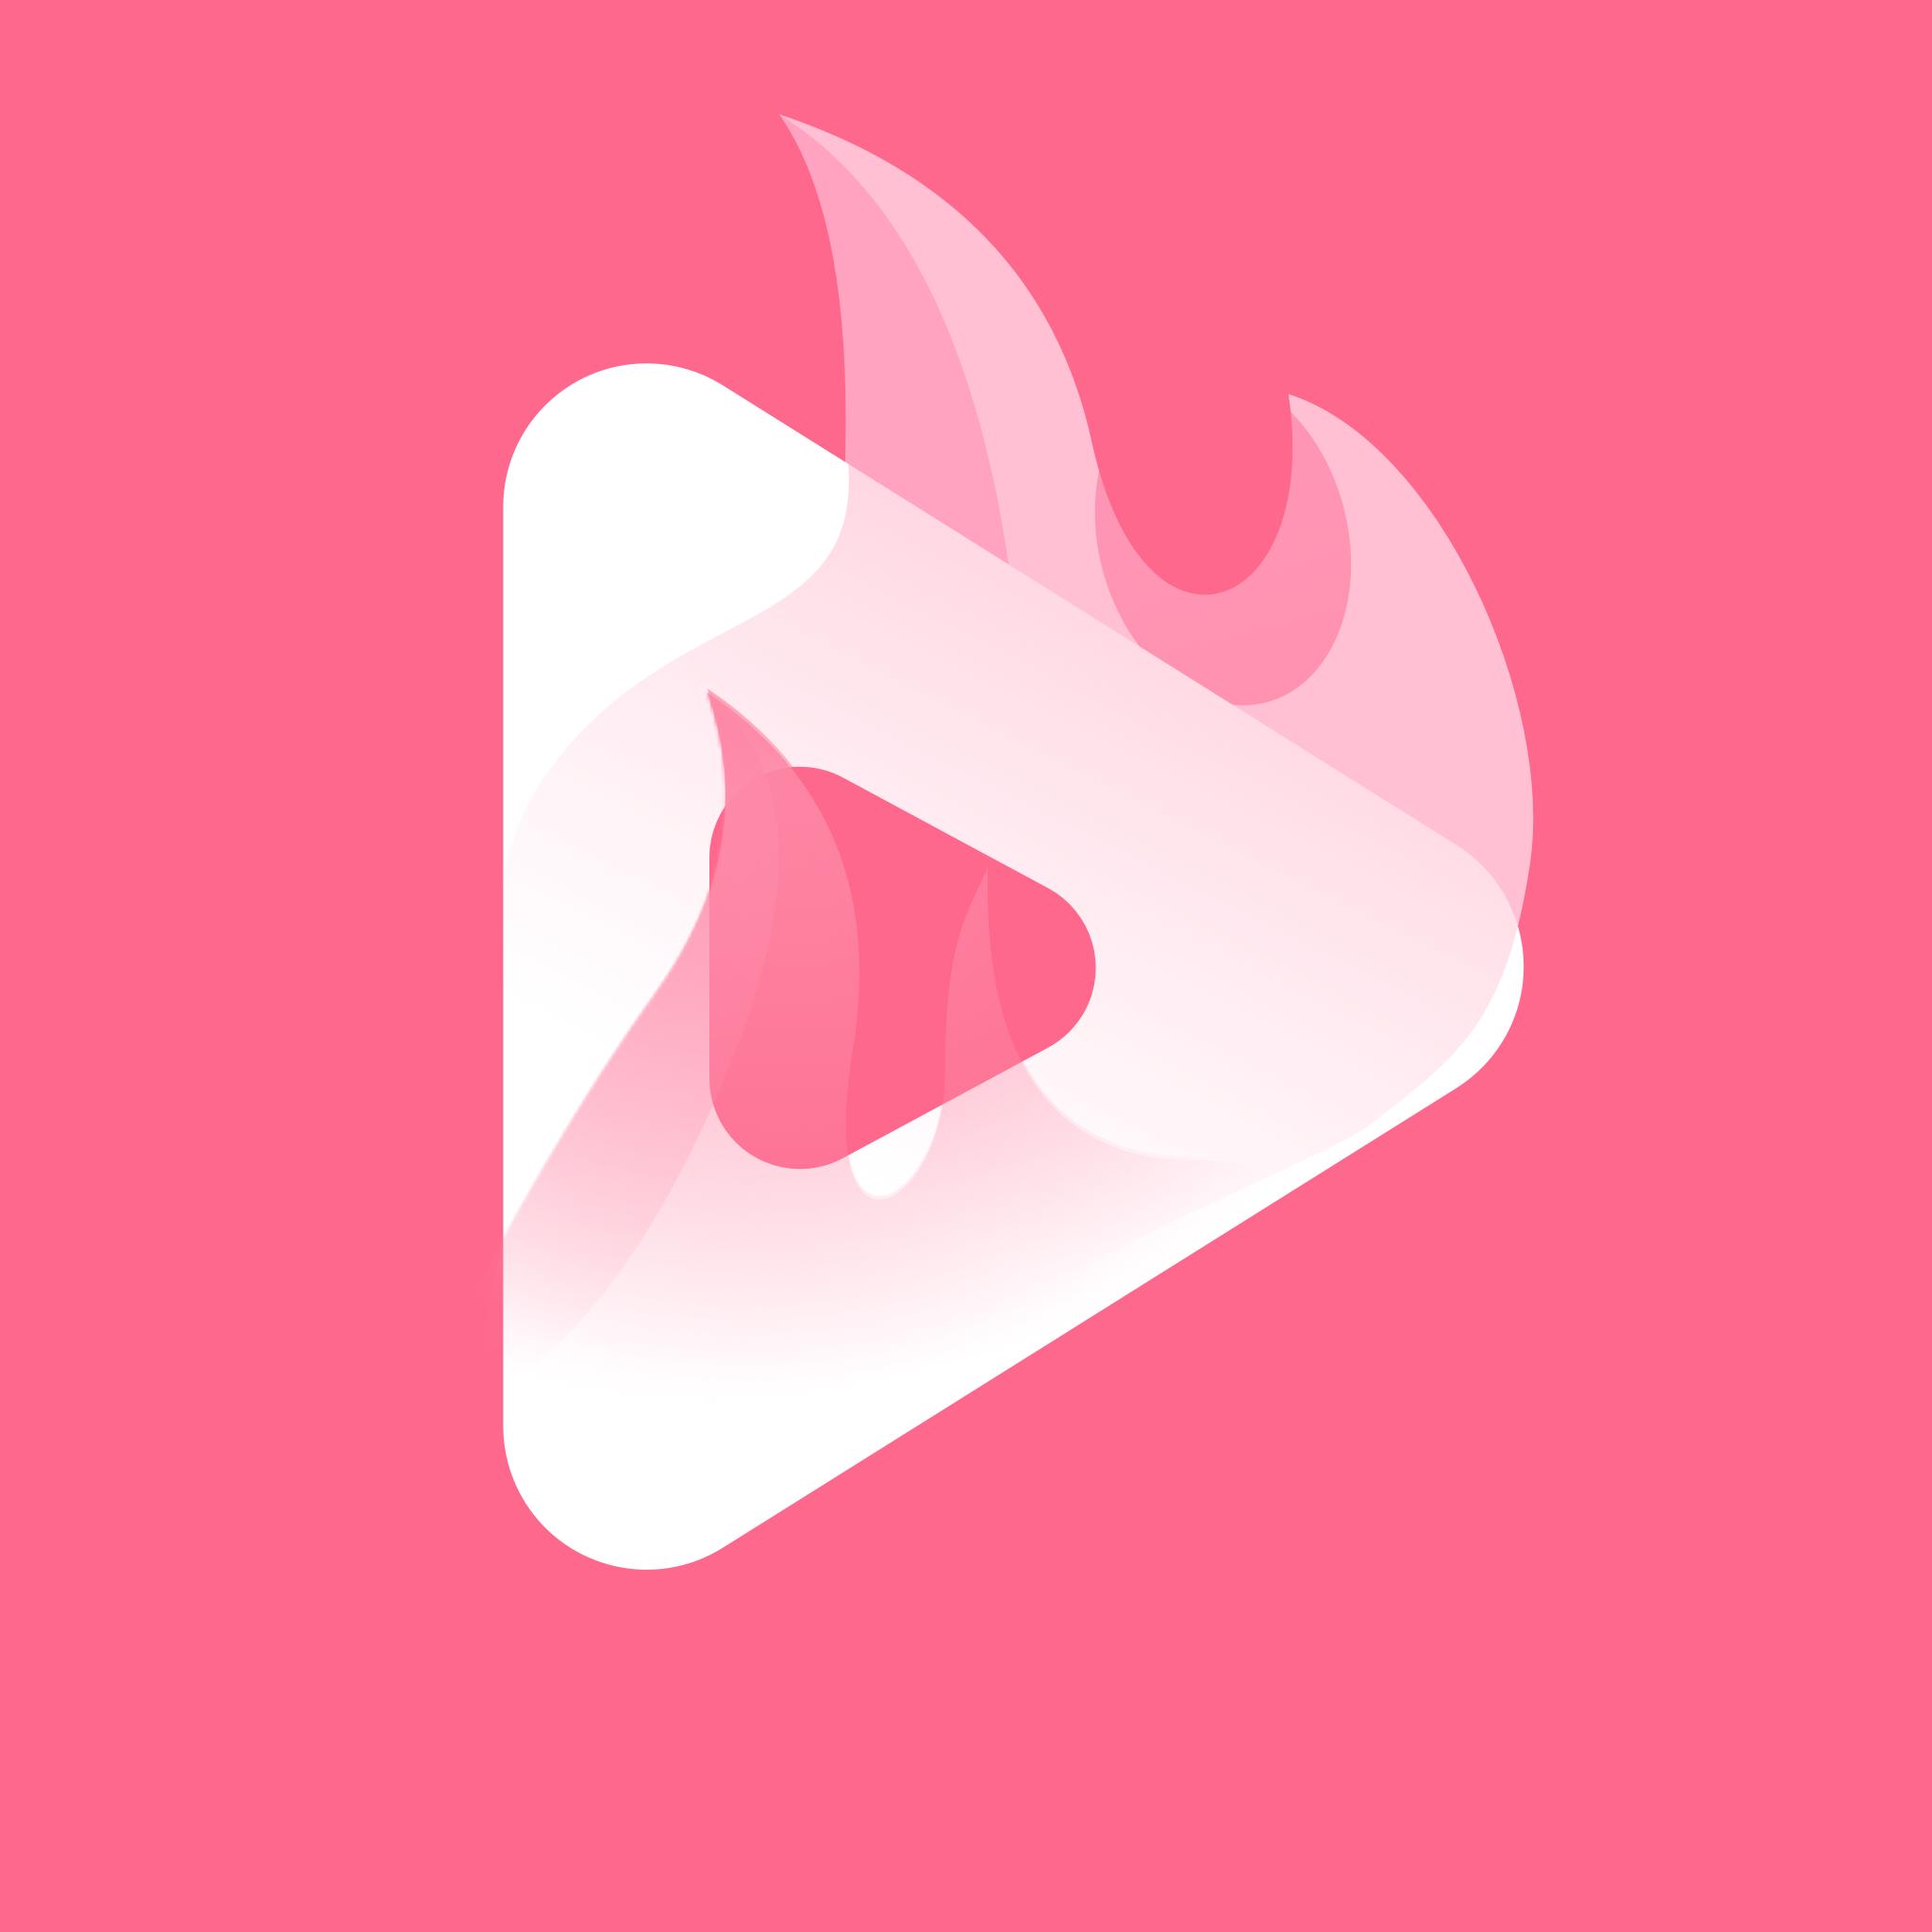 火苗视频 v2.0.1